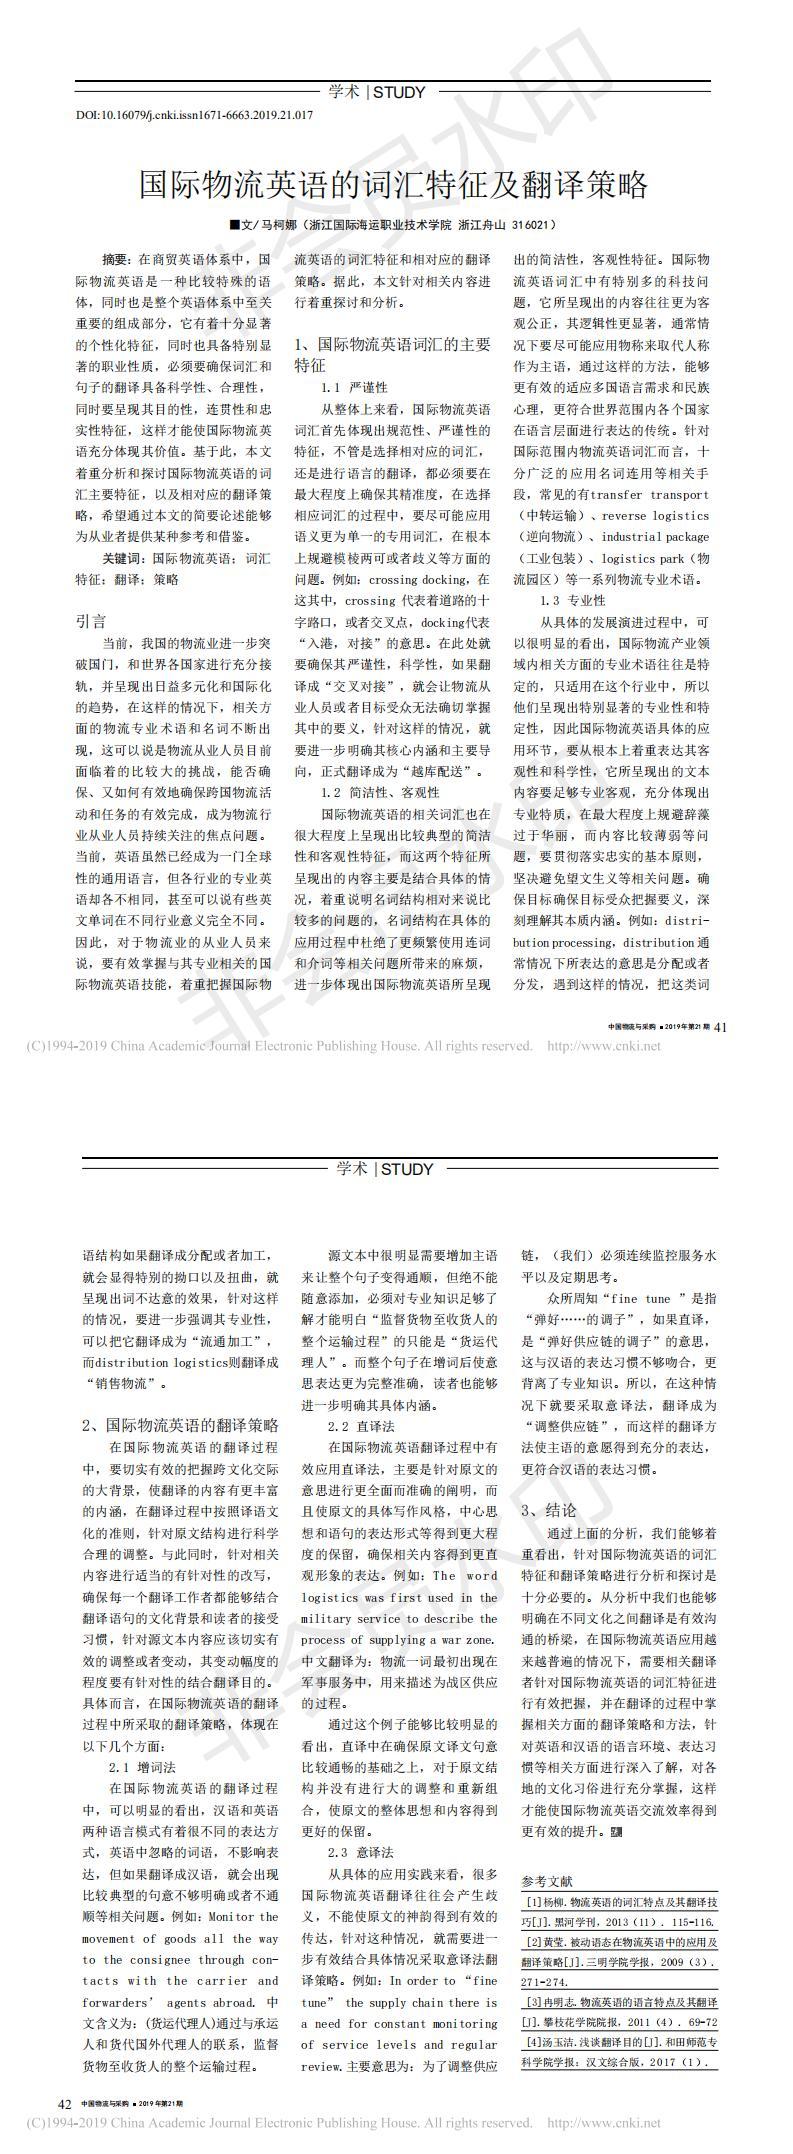 国际物流英语的词汇特征及翻译策略_马柯娜_0.png